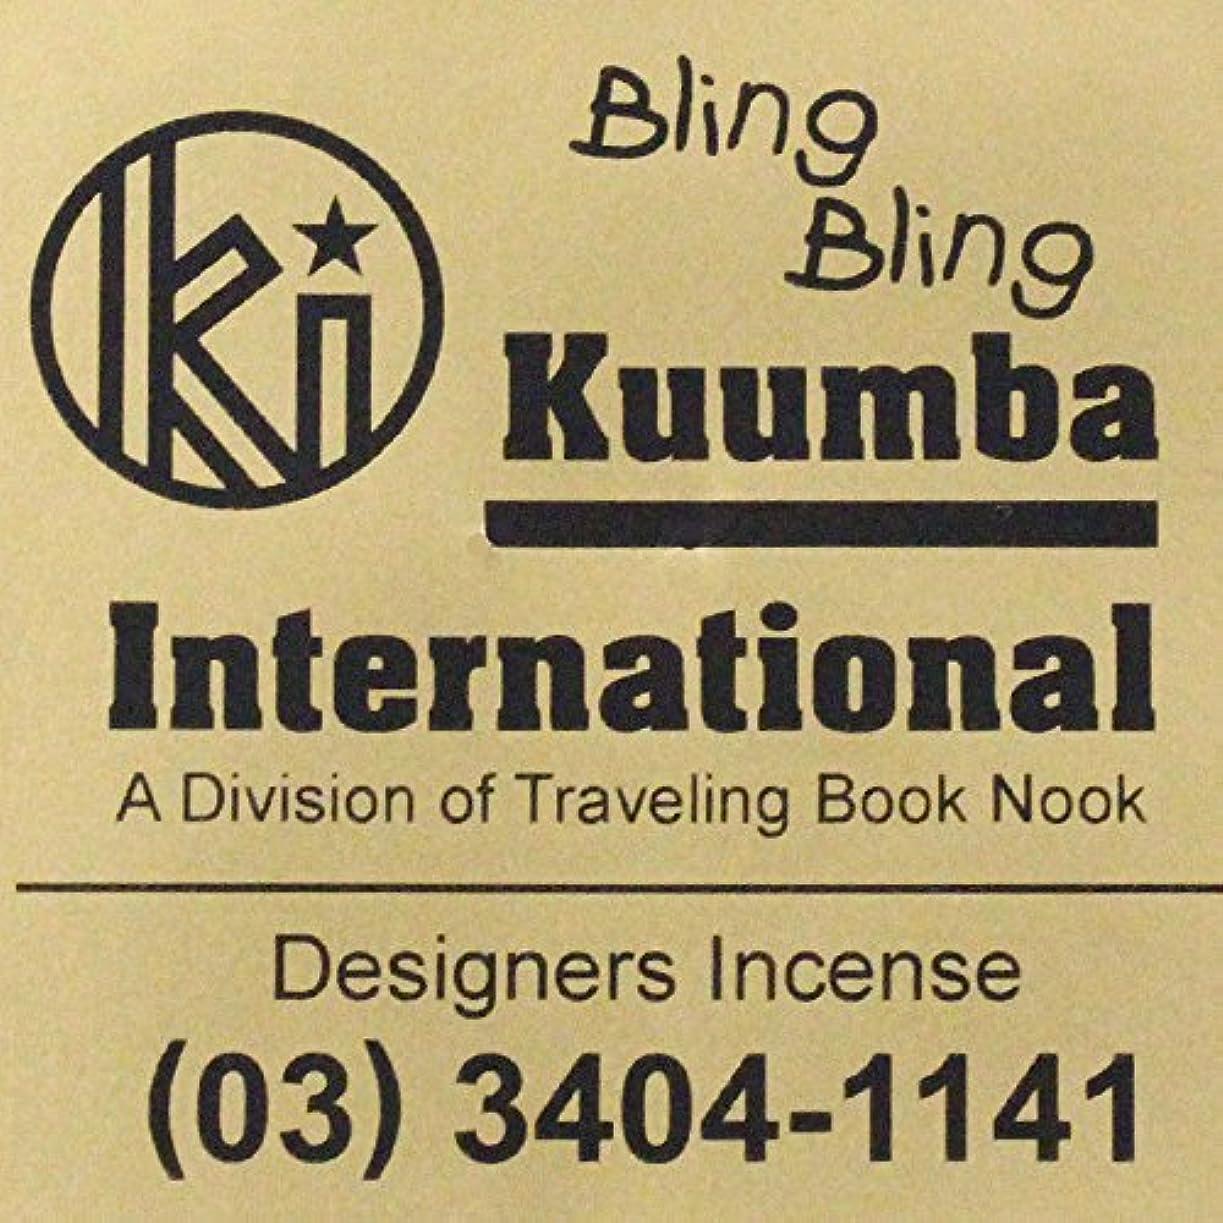 明快祭り汚染(クンバ) KUUMBA『incense』(Bling Bling) (Regular size)